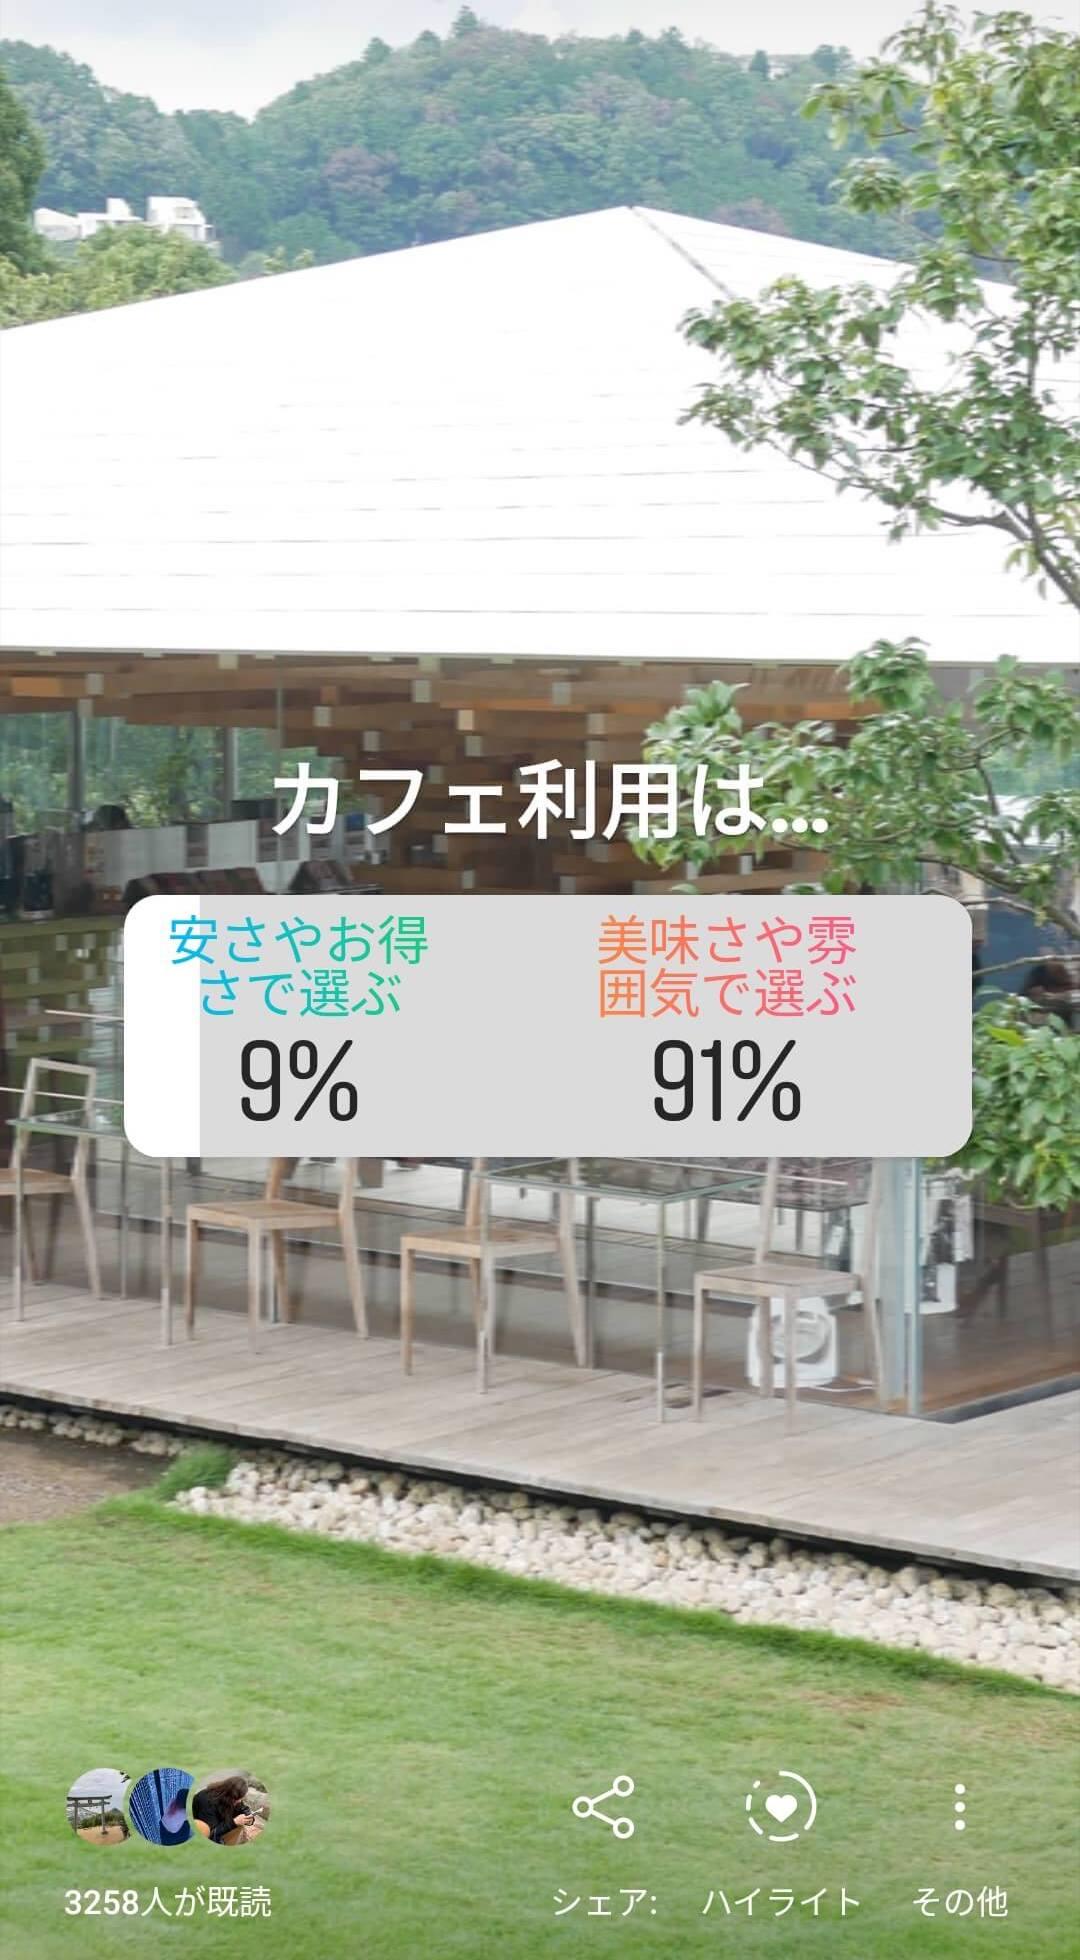 インスタ Instagram アンケート結果 グルメカフェ東海